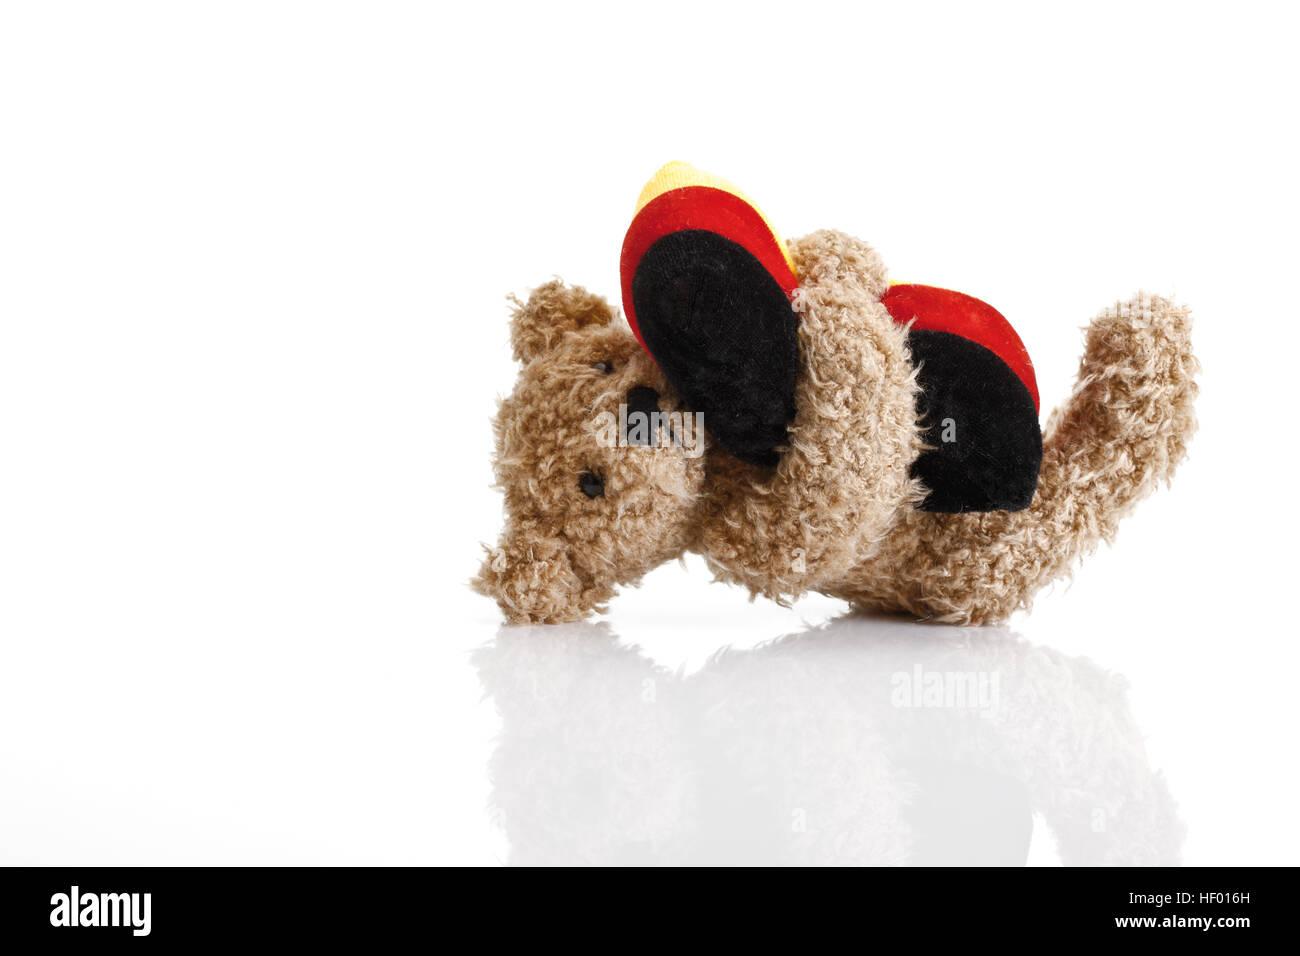 Kleinen Teddybär umarmt Kissen, deutschen Farben Stockfoto, Bild ...